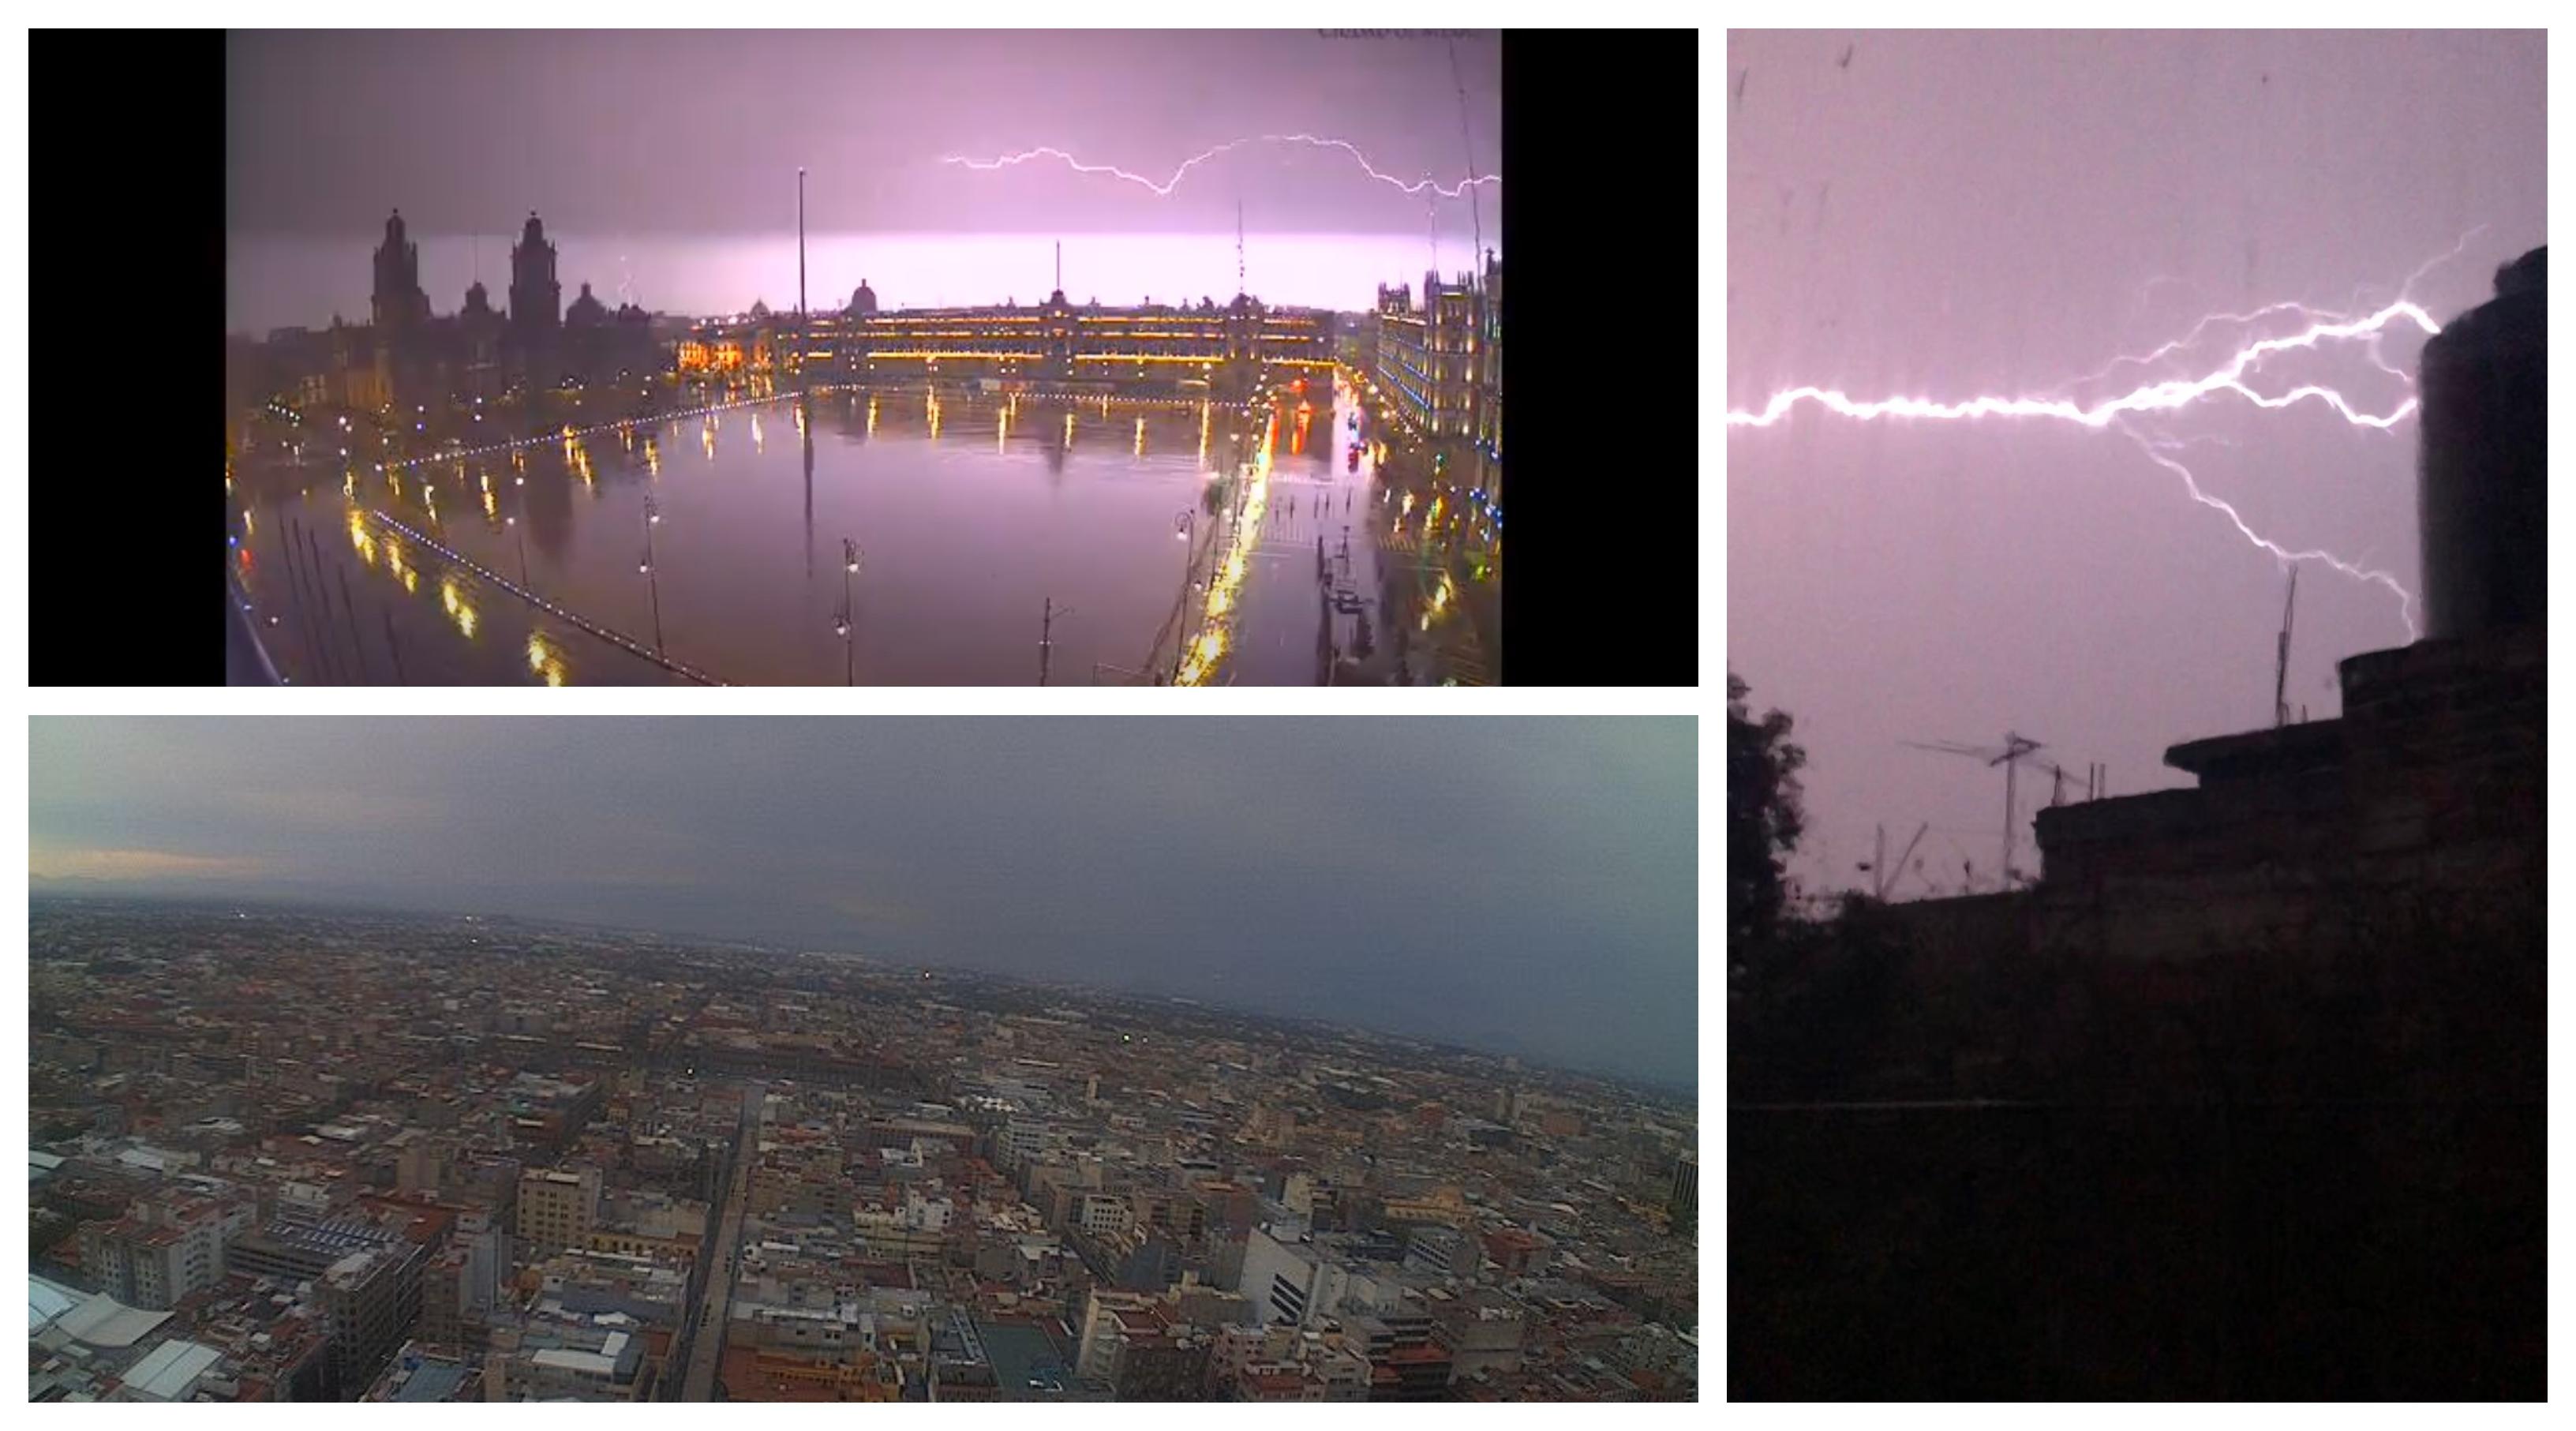 ¿Qué ocasionó la tormenta eléctrica que nos despertó hoy?